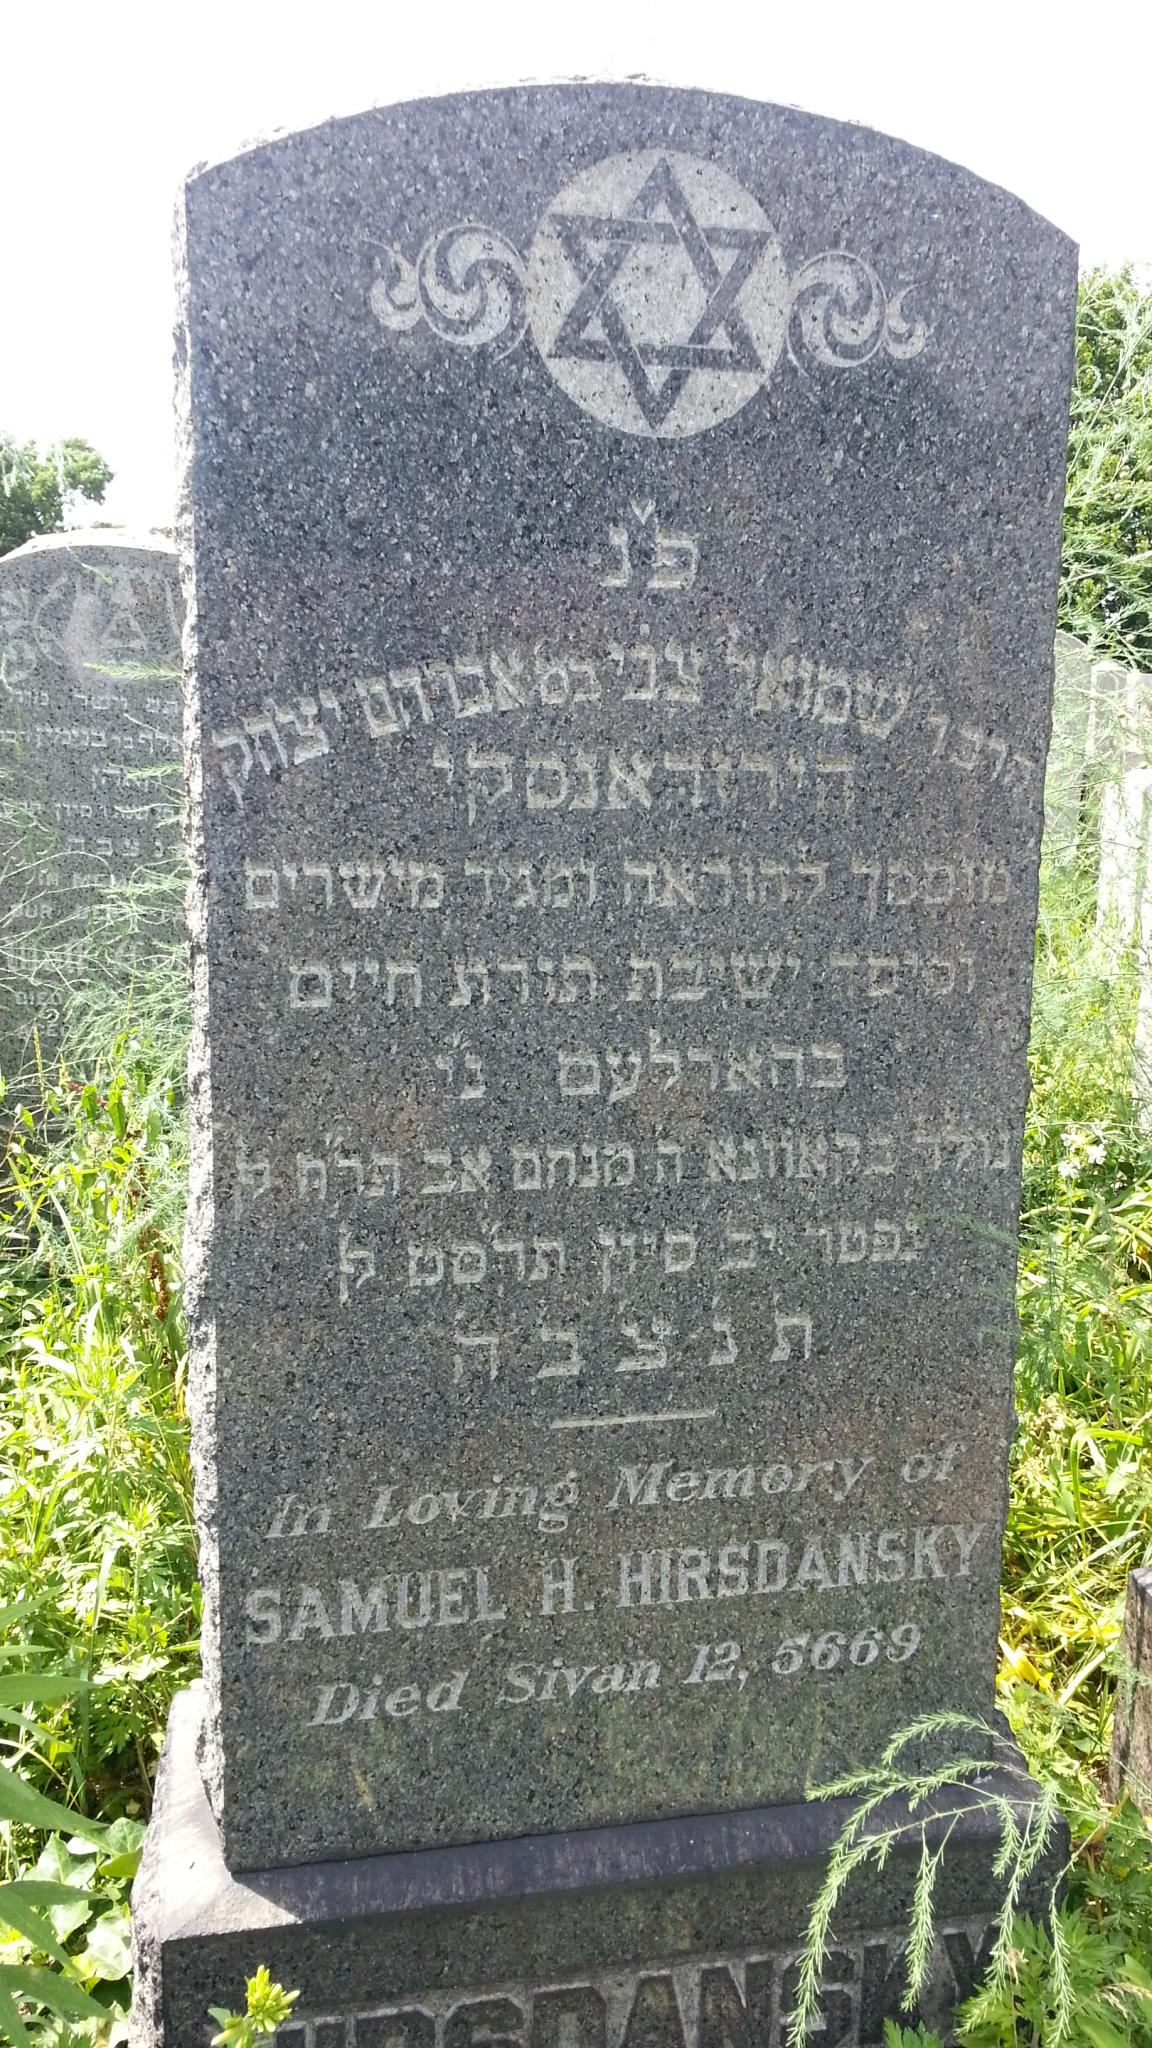 Rabbi Shmuel Tzvi Hirsdansky